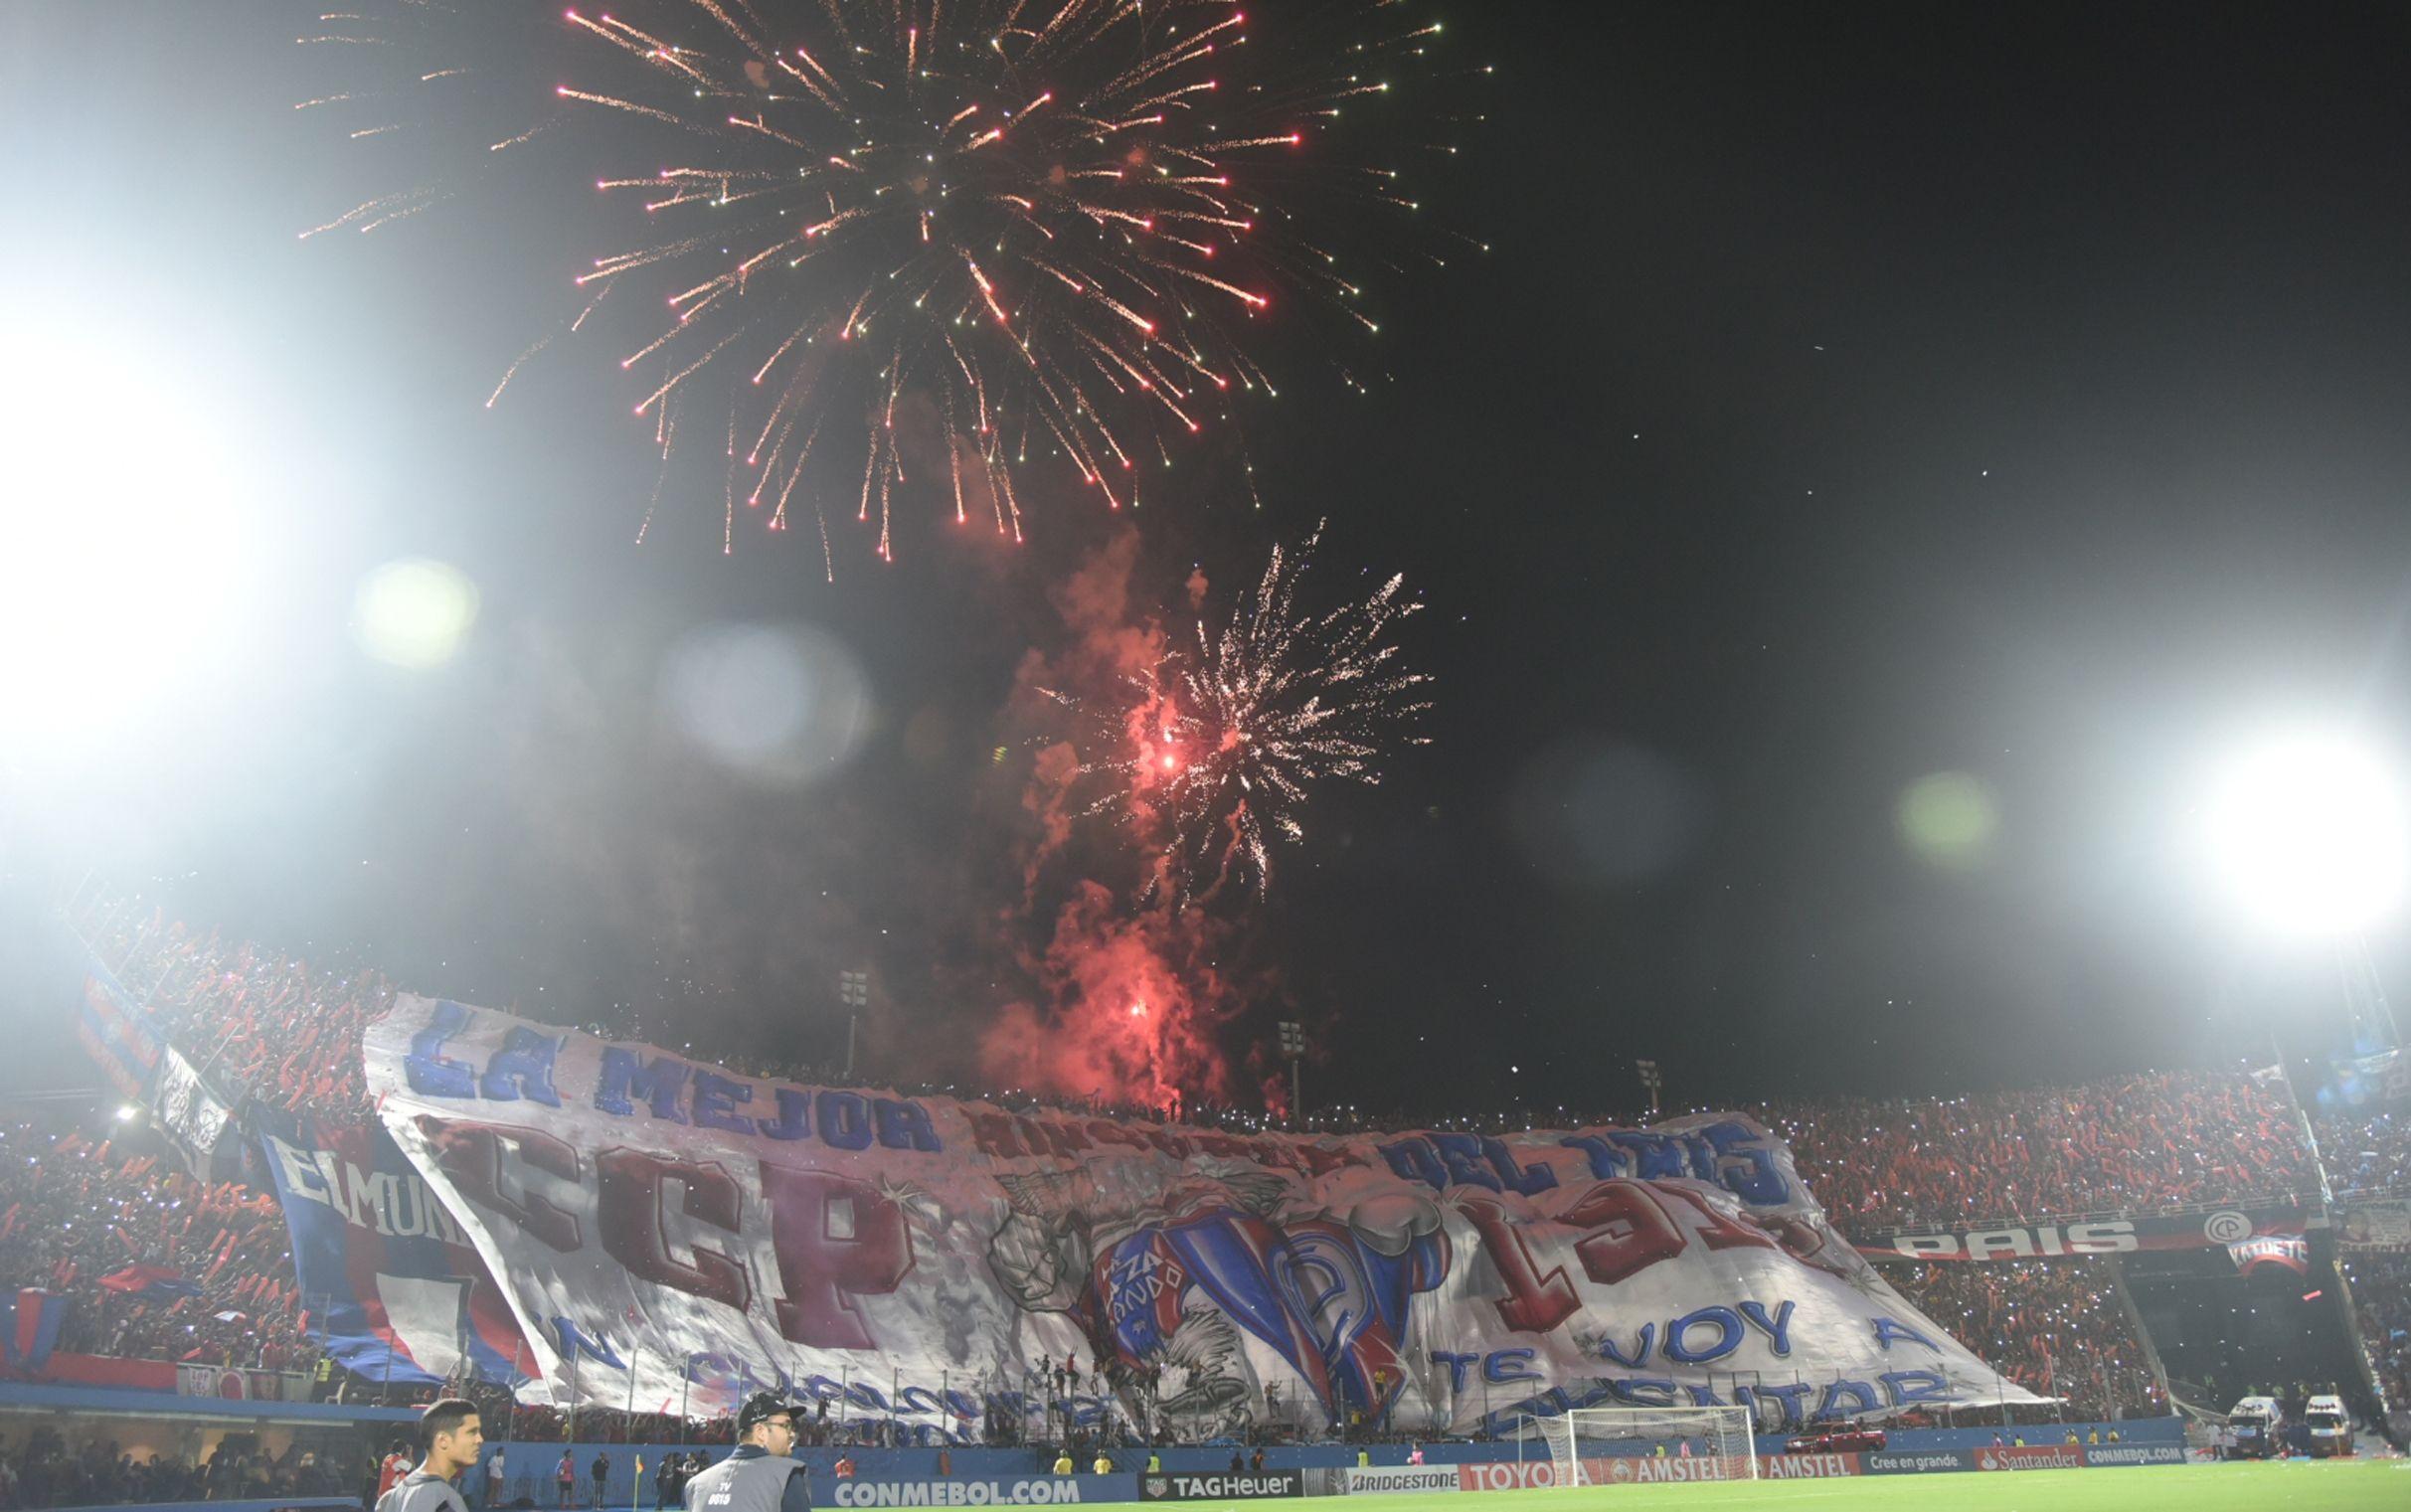 Imagen de la hinchada de Cerro durante un partido. Foto: Andrés Catalán - Última Hora